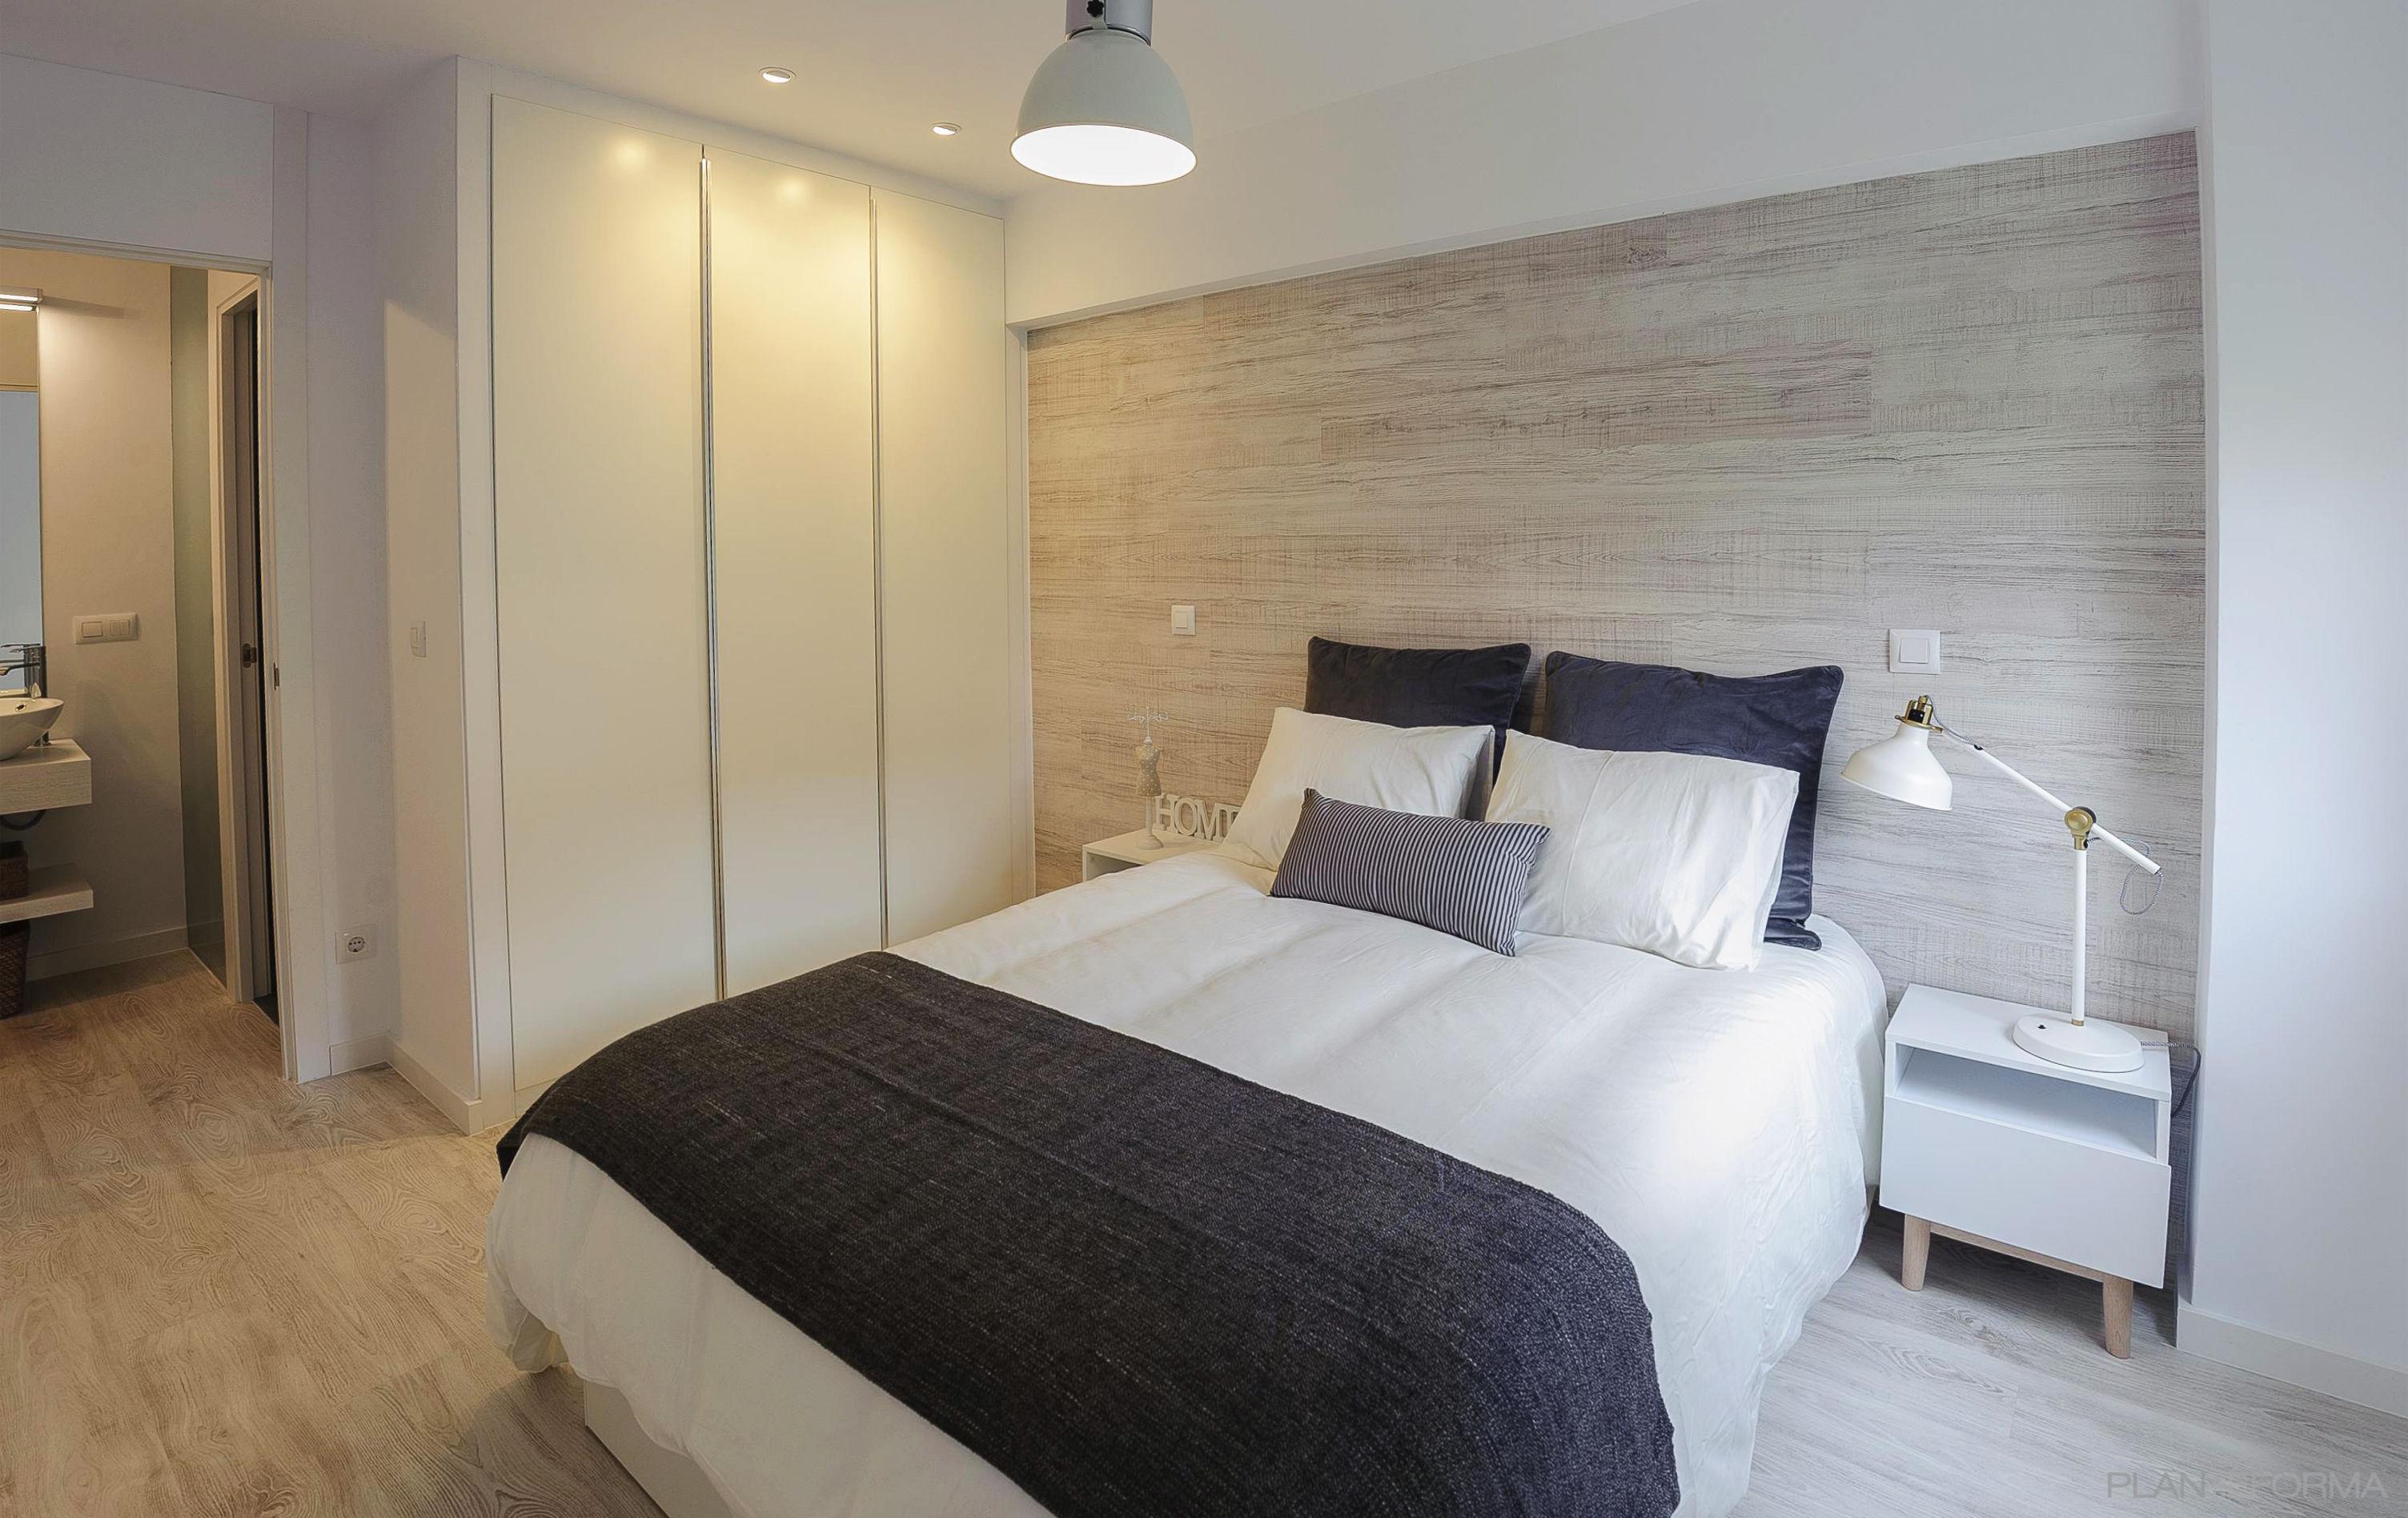 Ba o dormitorio pasillo estilo tradicional color beige for Banos en blanco y beige